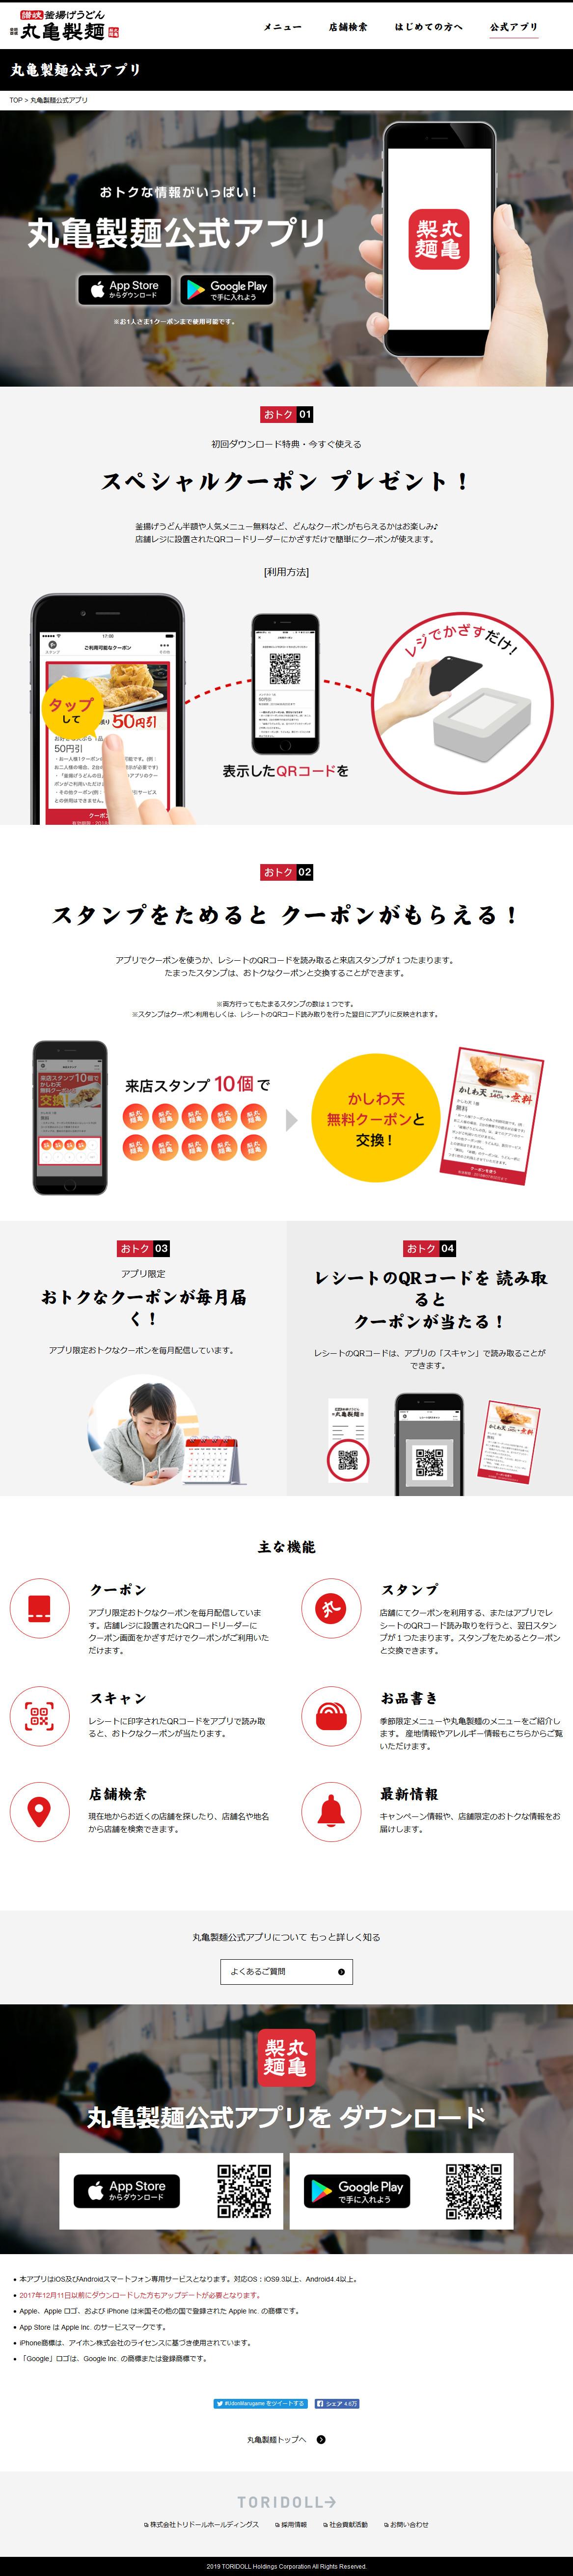 丸亀製麺公式アプリ